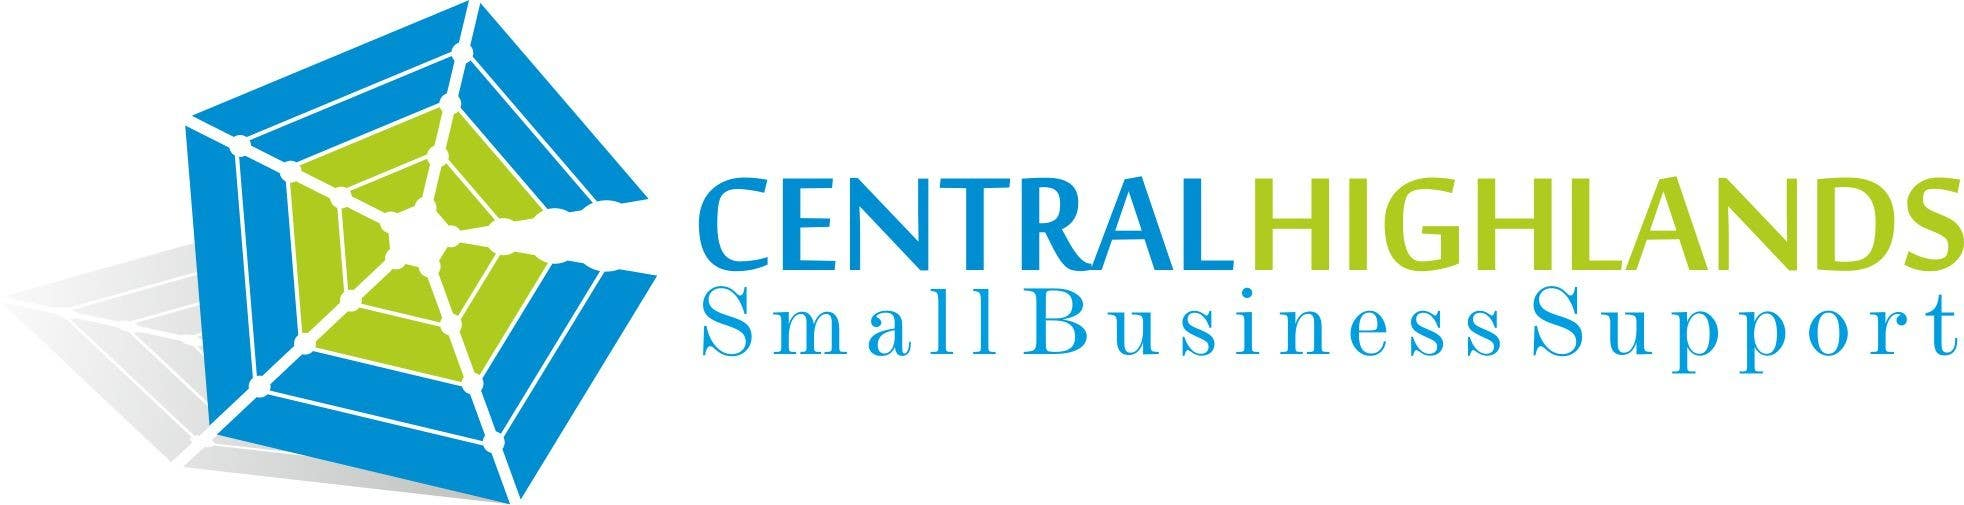 Inscrição nº                                         48                                      do Concurso para                                         Logo Design for Small Business Support